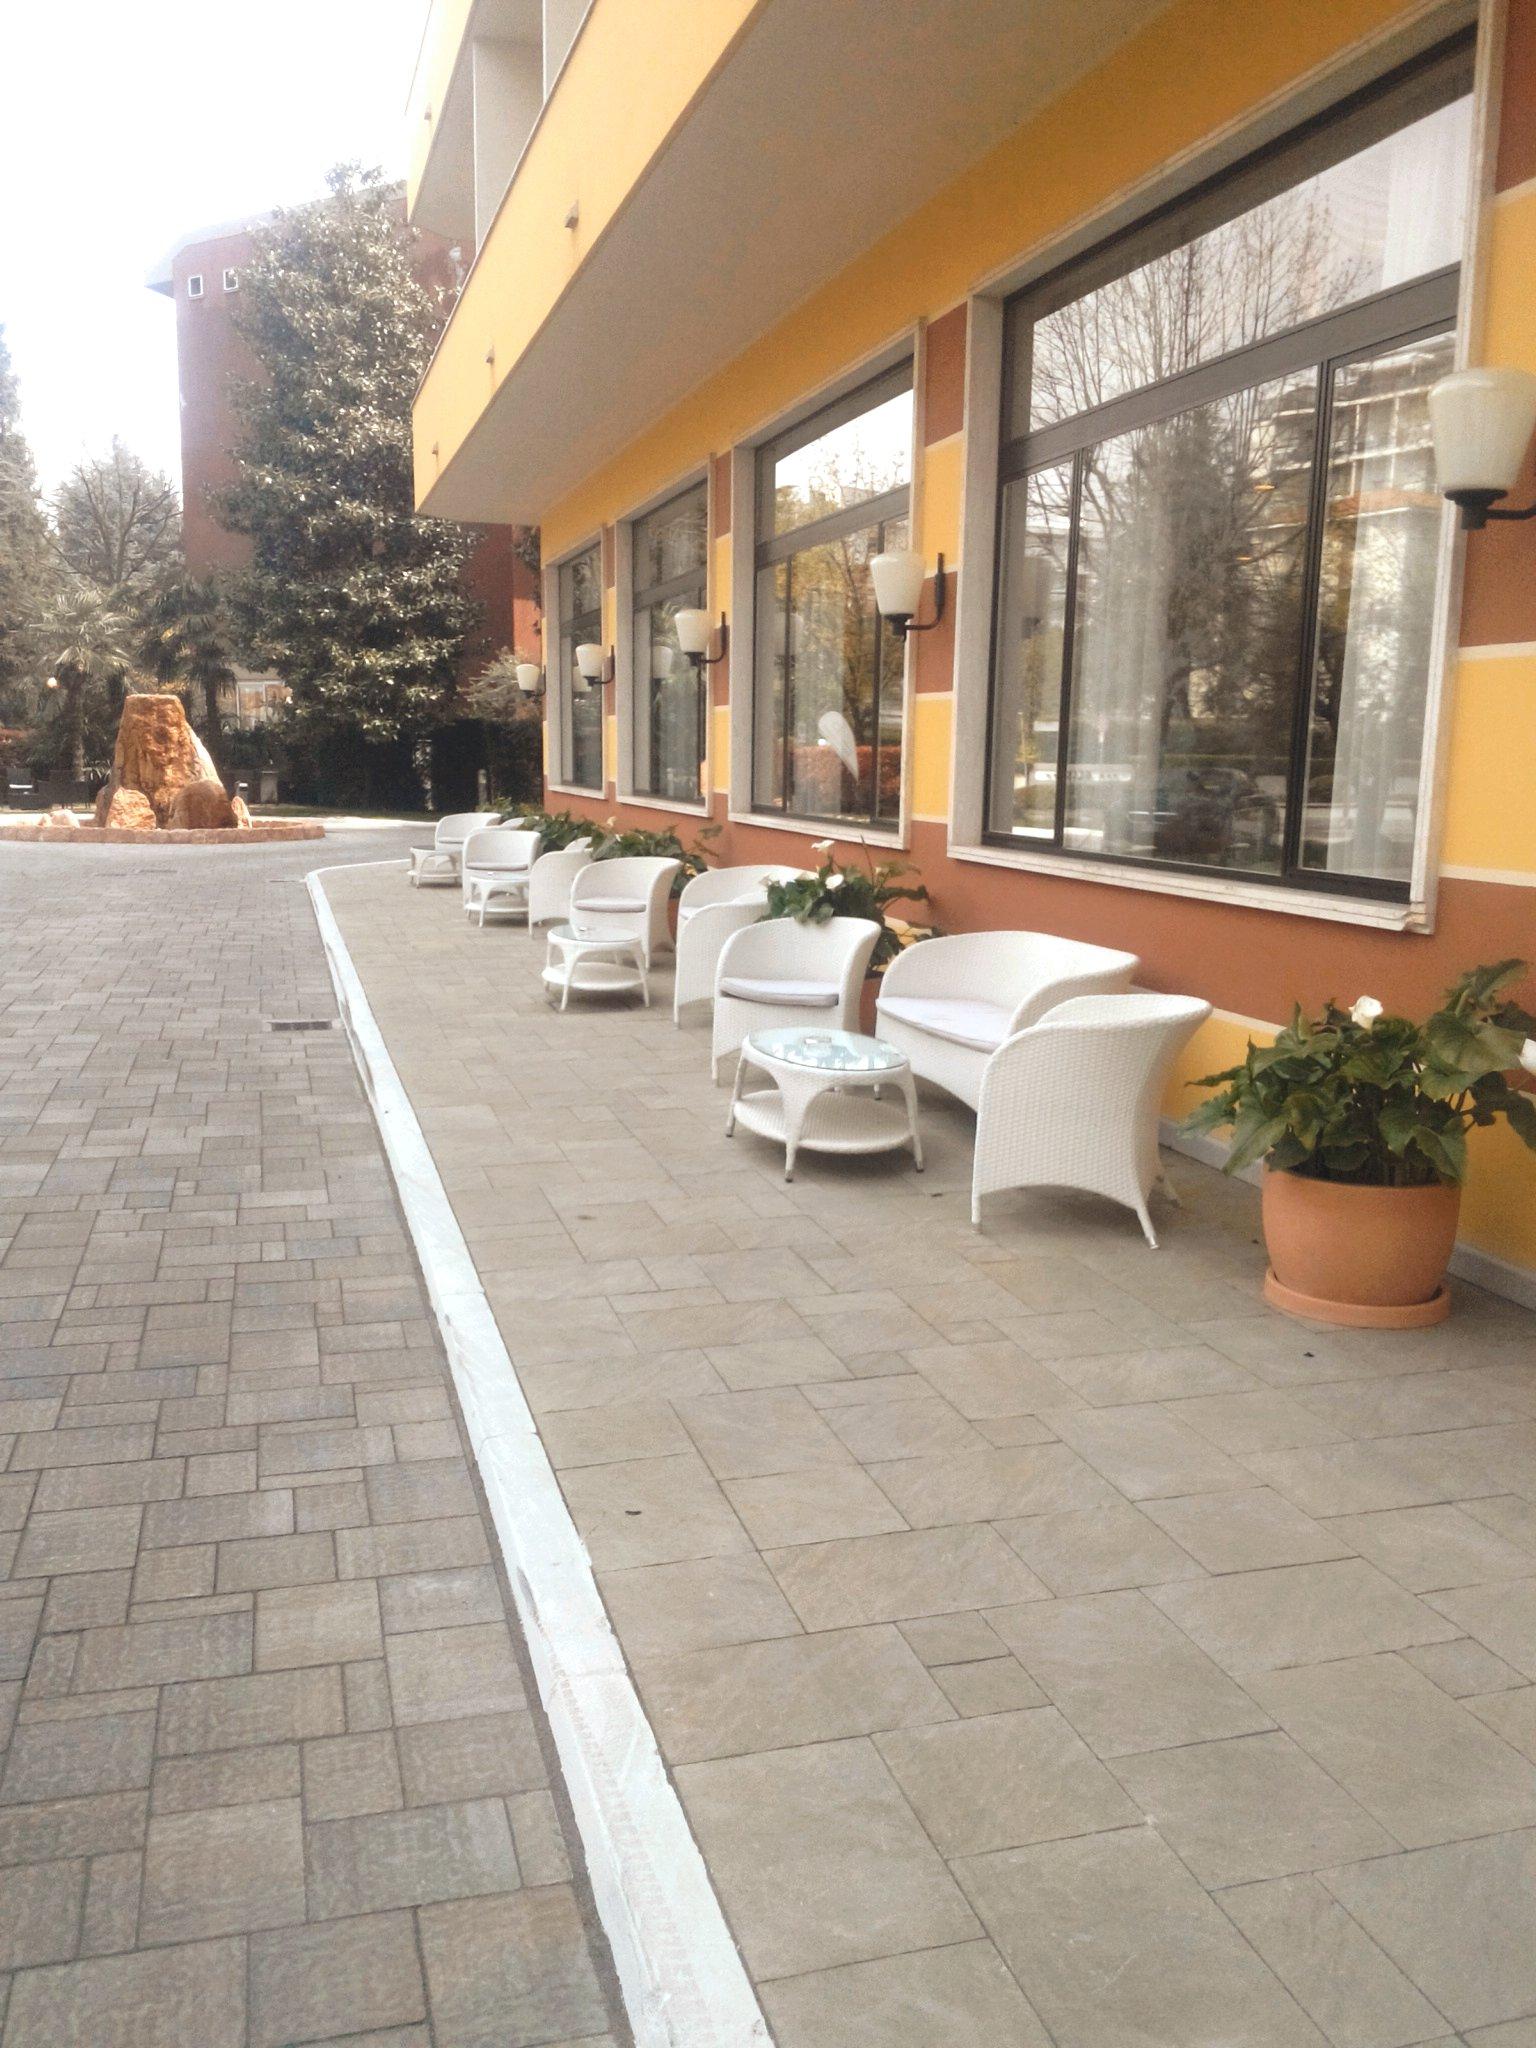 FENICE AVANA -FARNESE FIAMMATO01.jpg